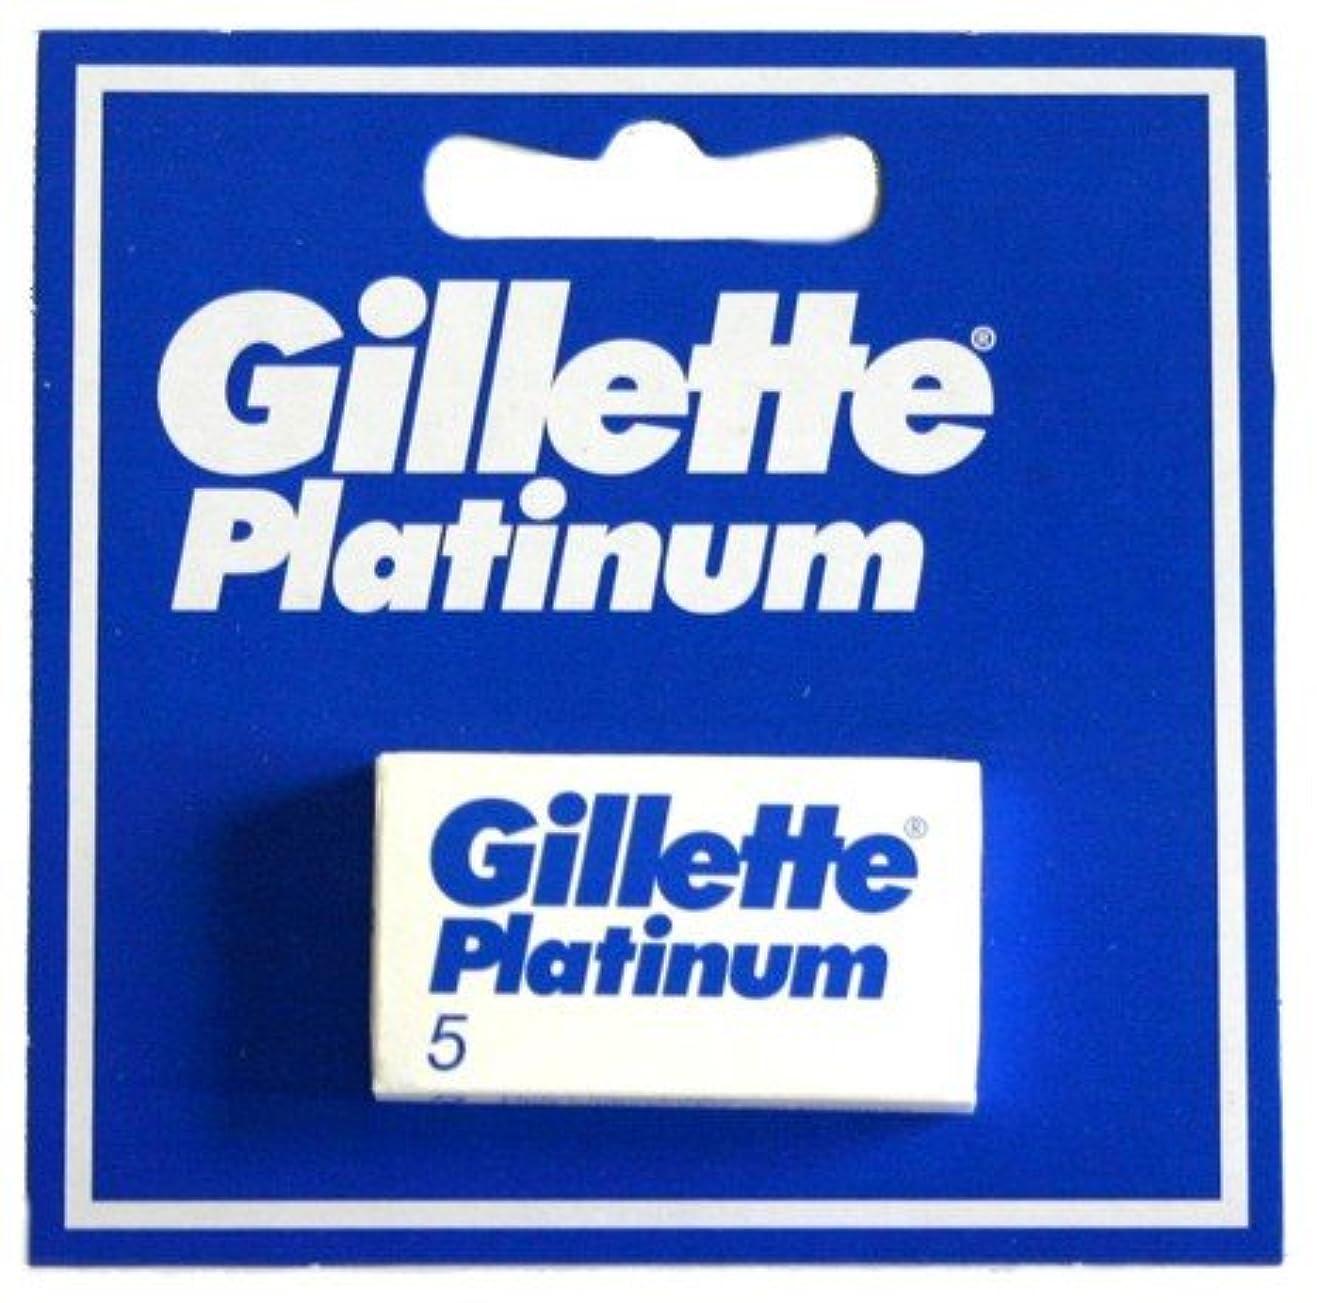 船乗り黒くする電圧Gillette Platinum [プレミアムホワイトボックス版!] ジレット プラチナ 両刃替刃 50個入り (5*10) [海外直送品] [並行輸入品]